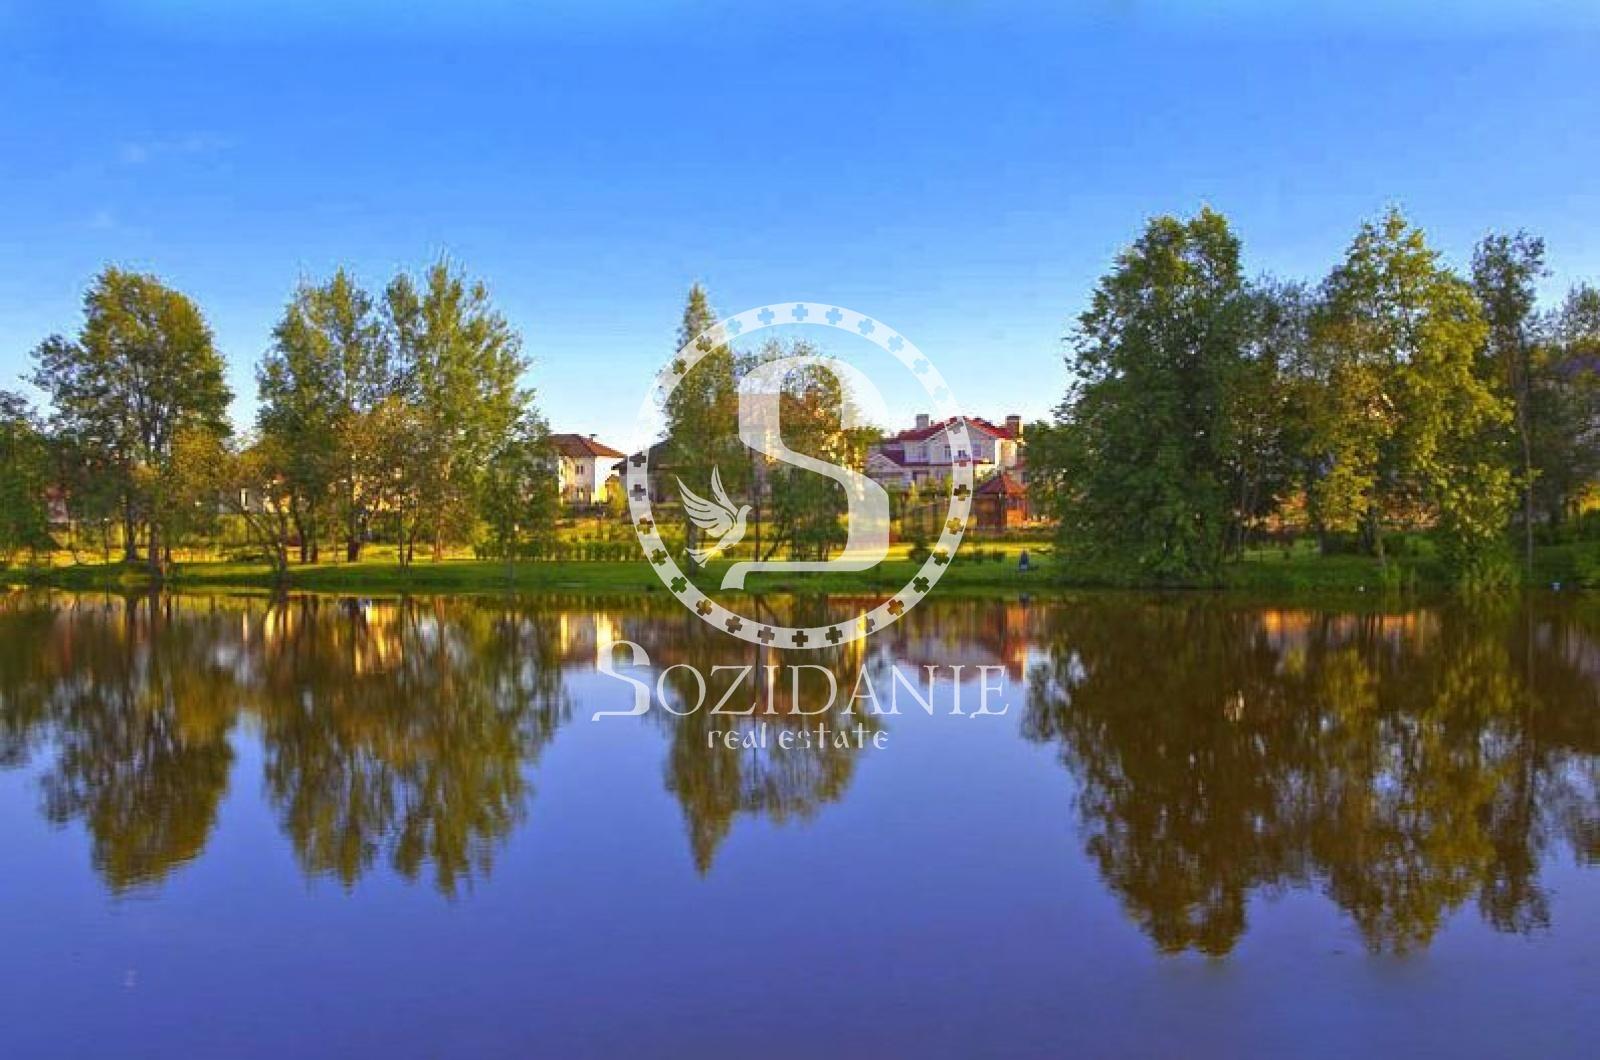 4 Bedrooms, Загородная, Продажа, Listing ID 1437, Московская область, Россия,